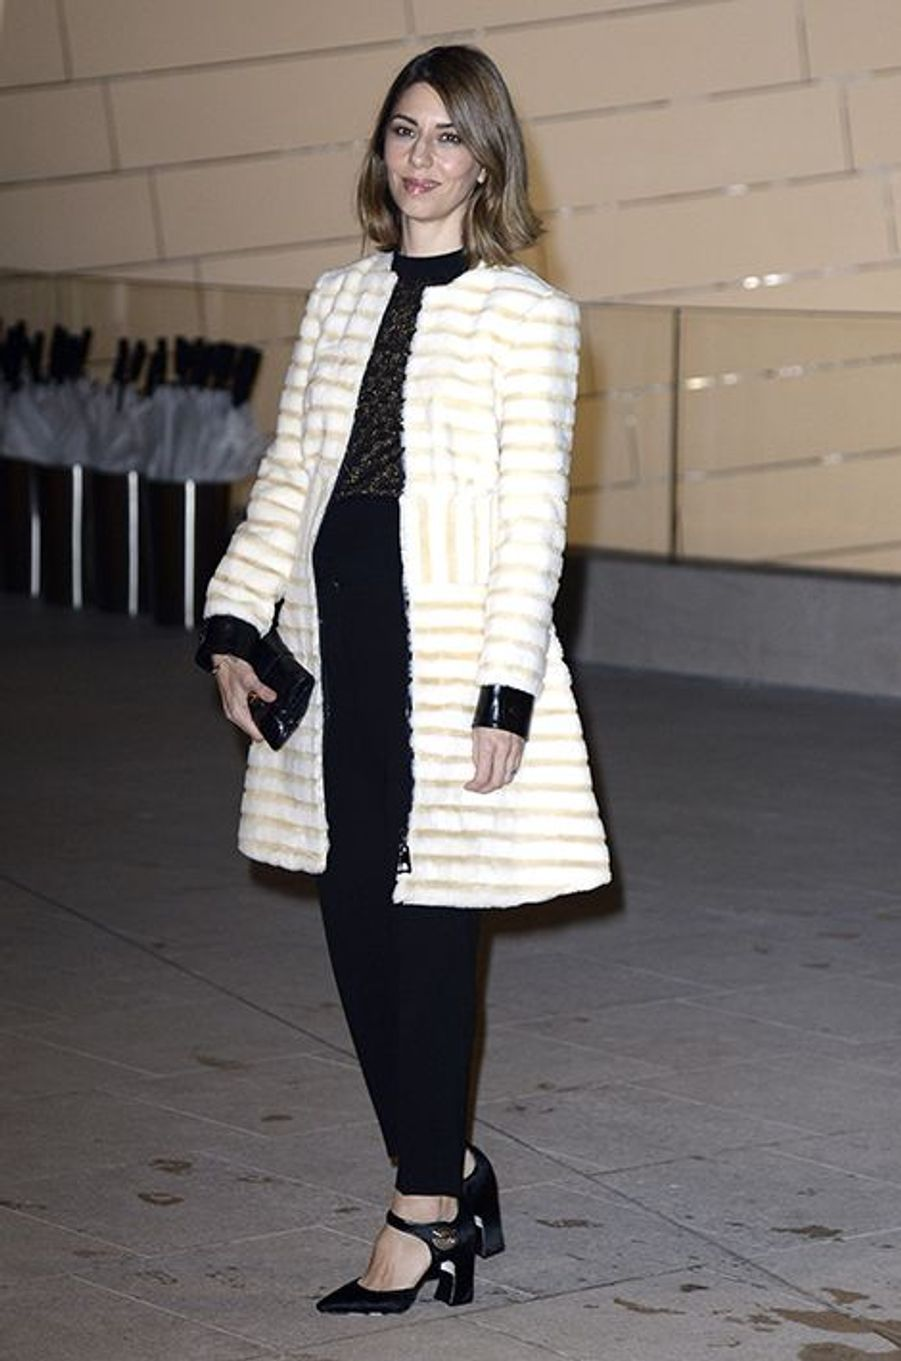 Sofia Coppola à l'inauguration de la Fondation Louis Vuitton le 20 octobre 2014 à Paris